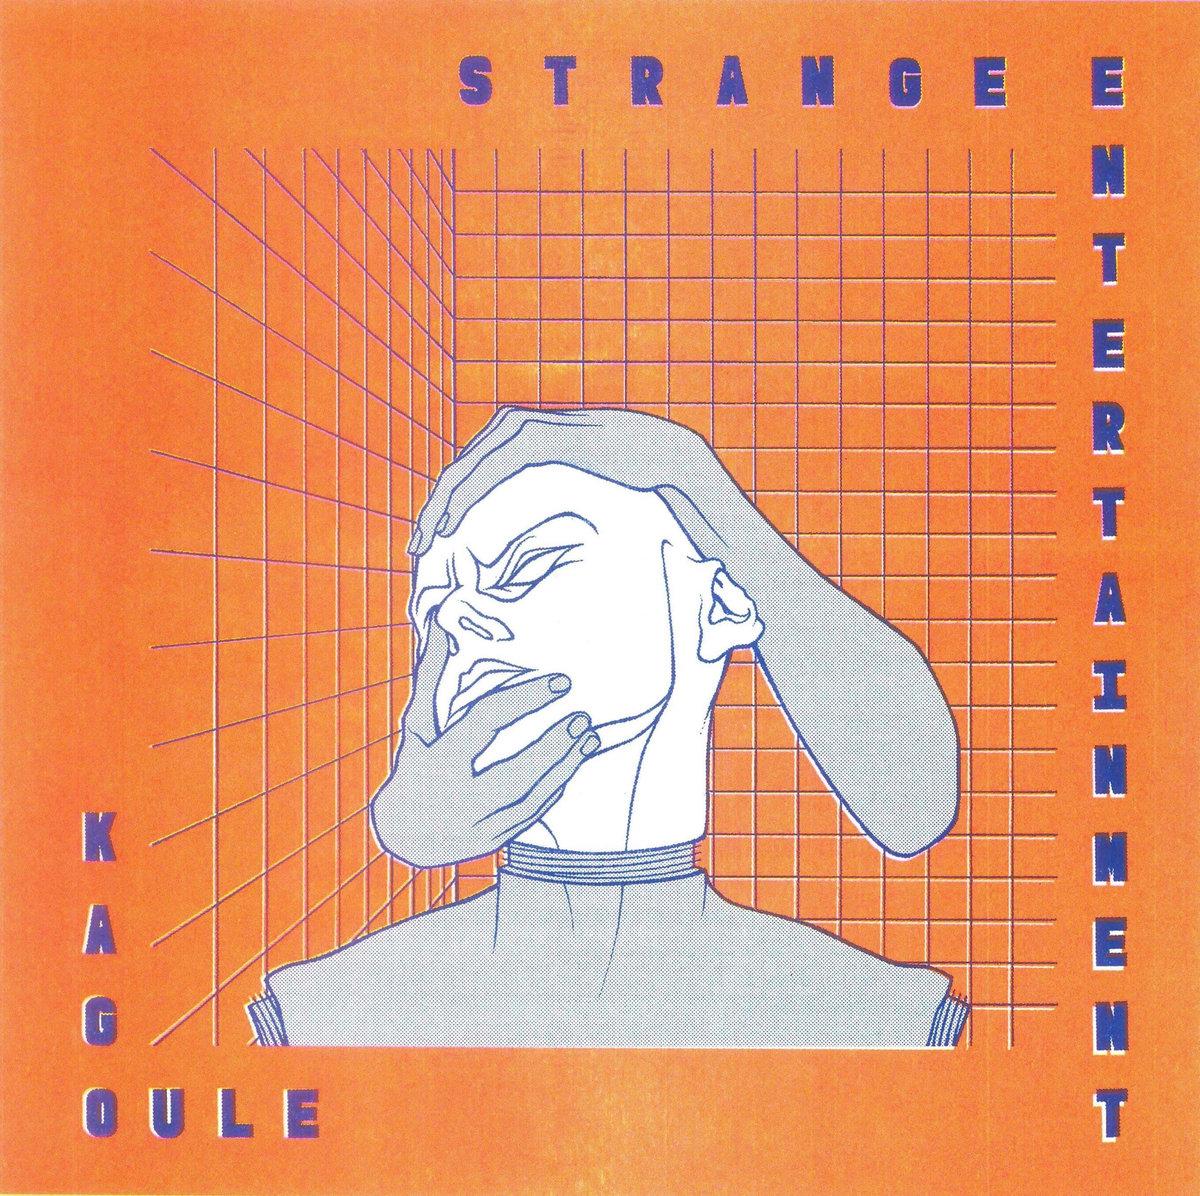 Kagoule - Strange Entertainment LP